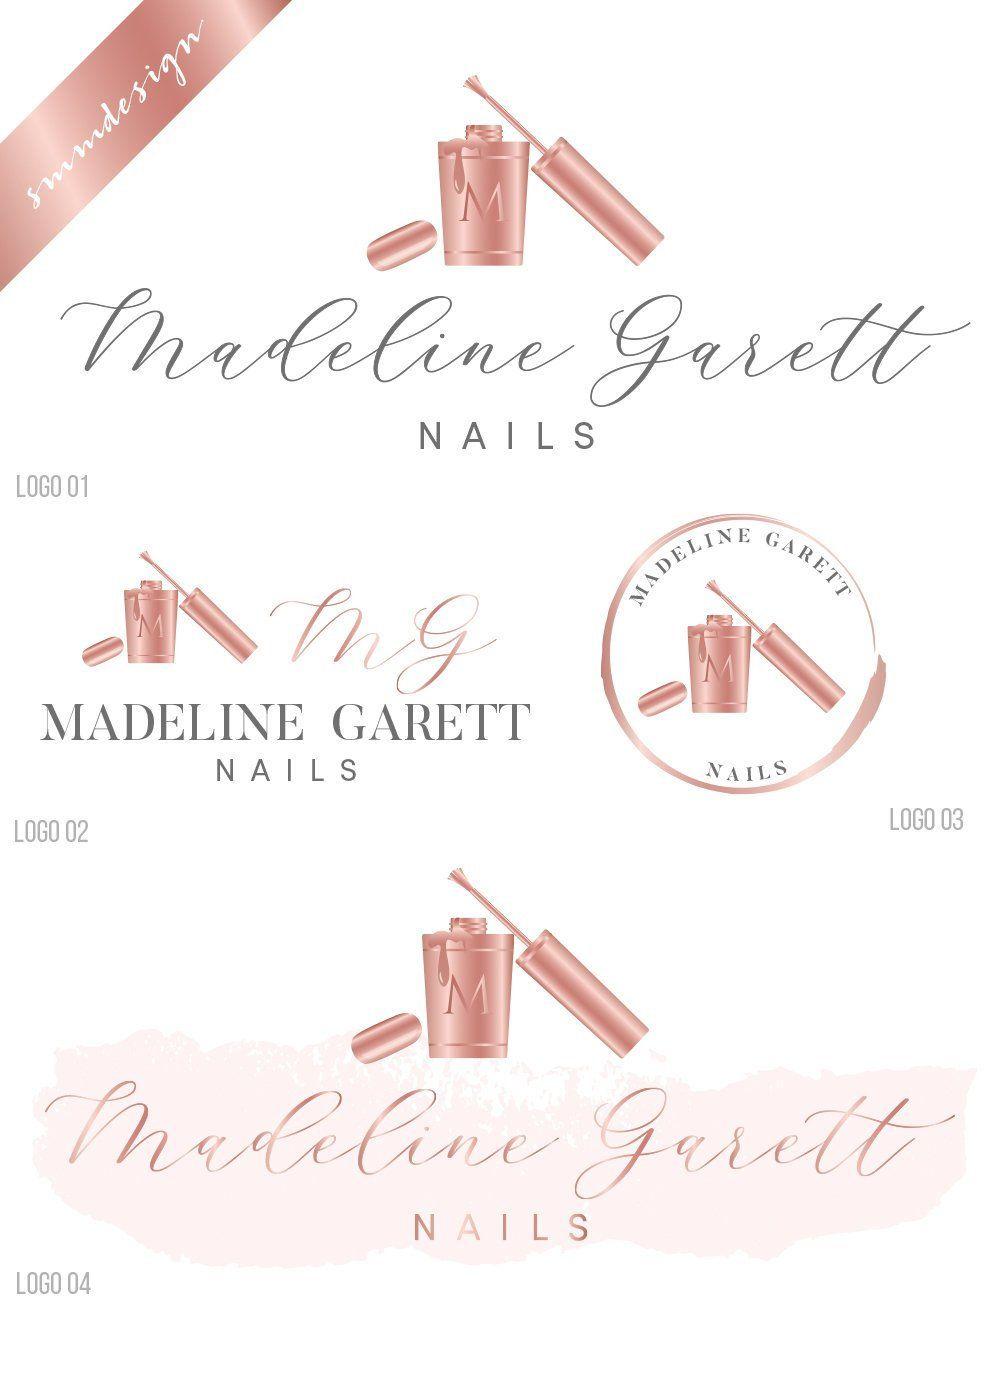 Nail polish logo design, nail logo, pointy nail logo, nail